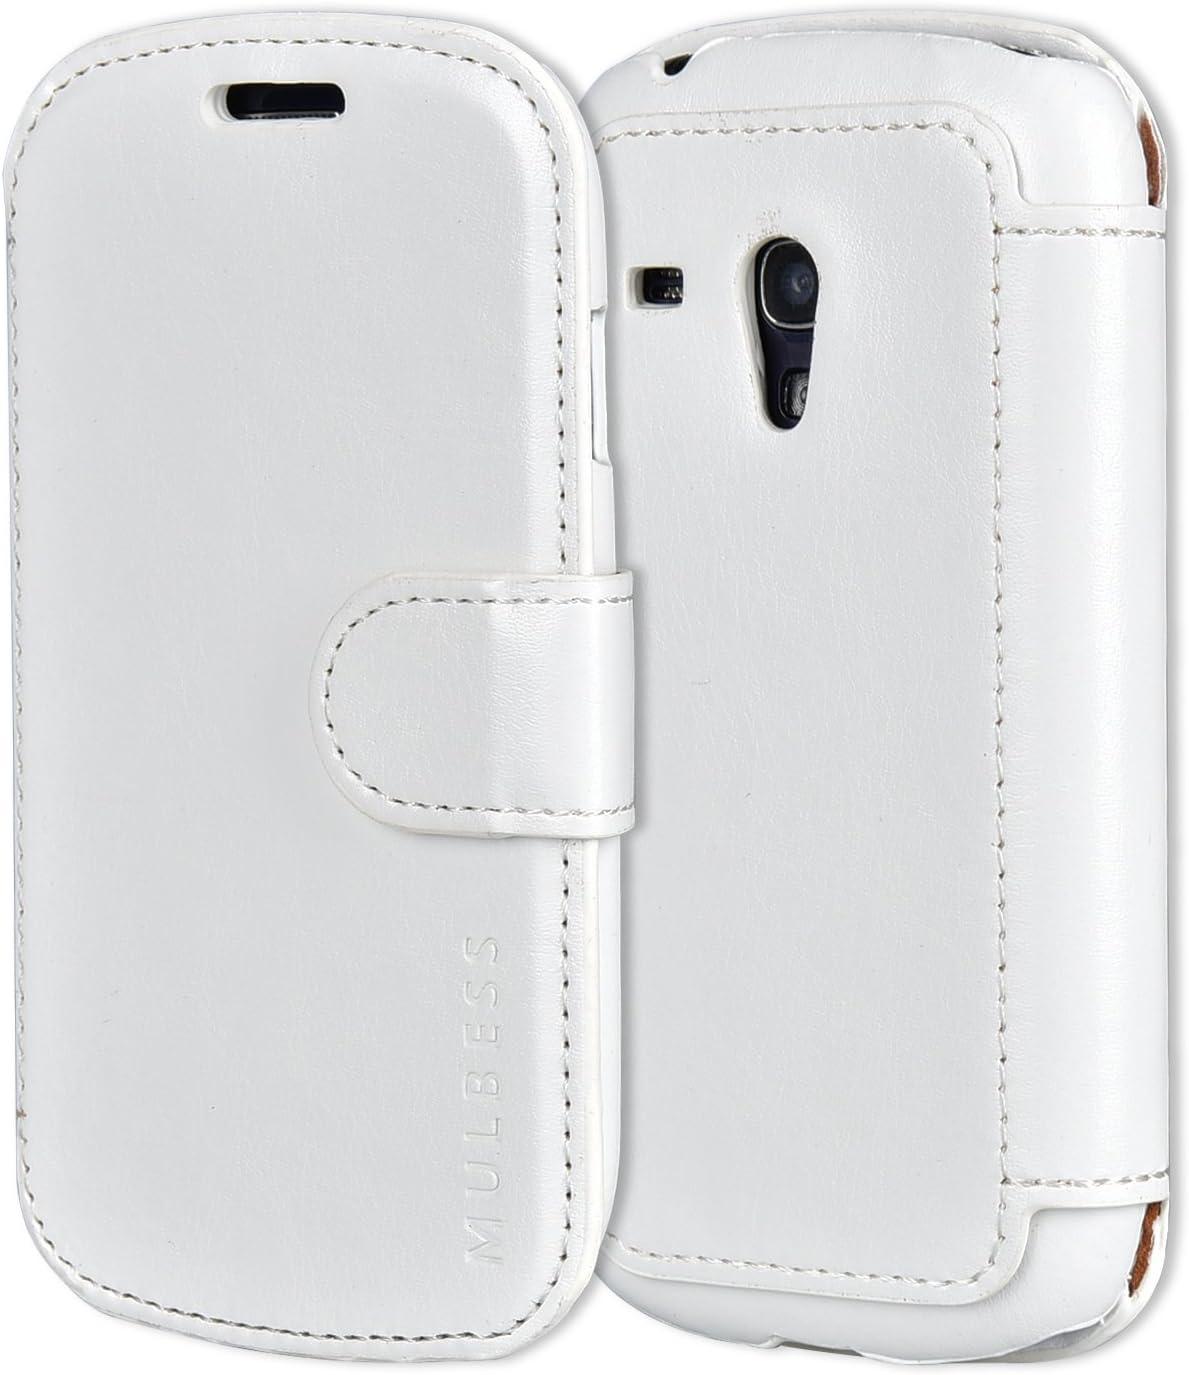 Mulbess Funda Samsung Galaxy S3 Mini [Libro Caso Cubierta] [En Capas de Billetera Cuero de la PU] con Tapa Magnética Carcasa para Samsung Galaxy S3 Mini Case, Blanco: Amazon.es: Electrónica